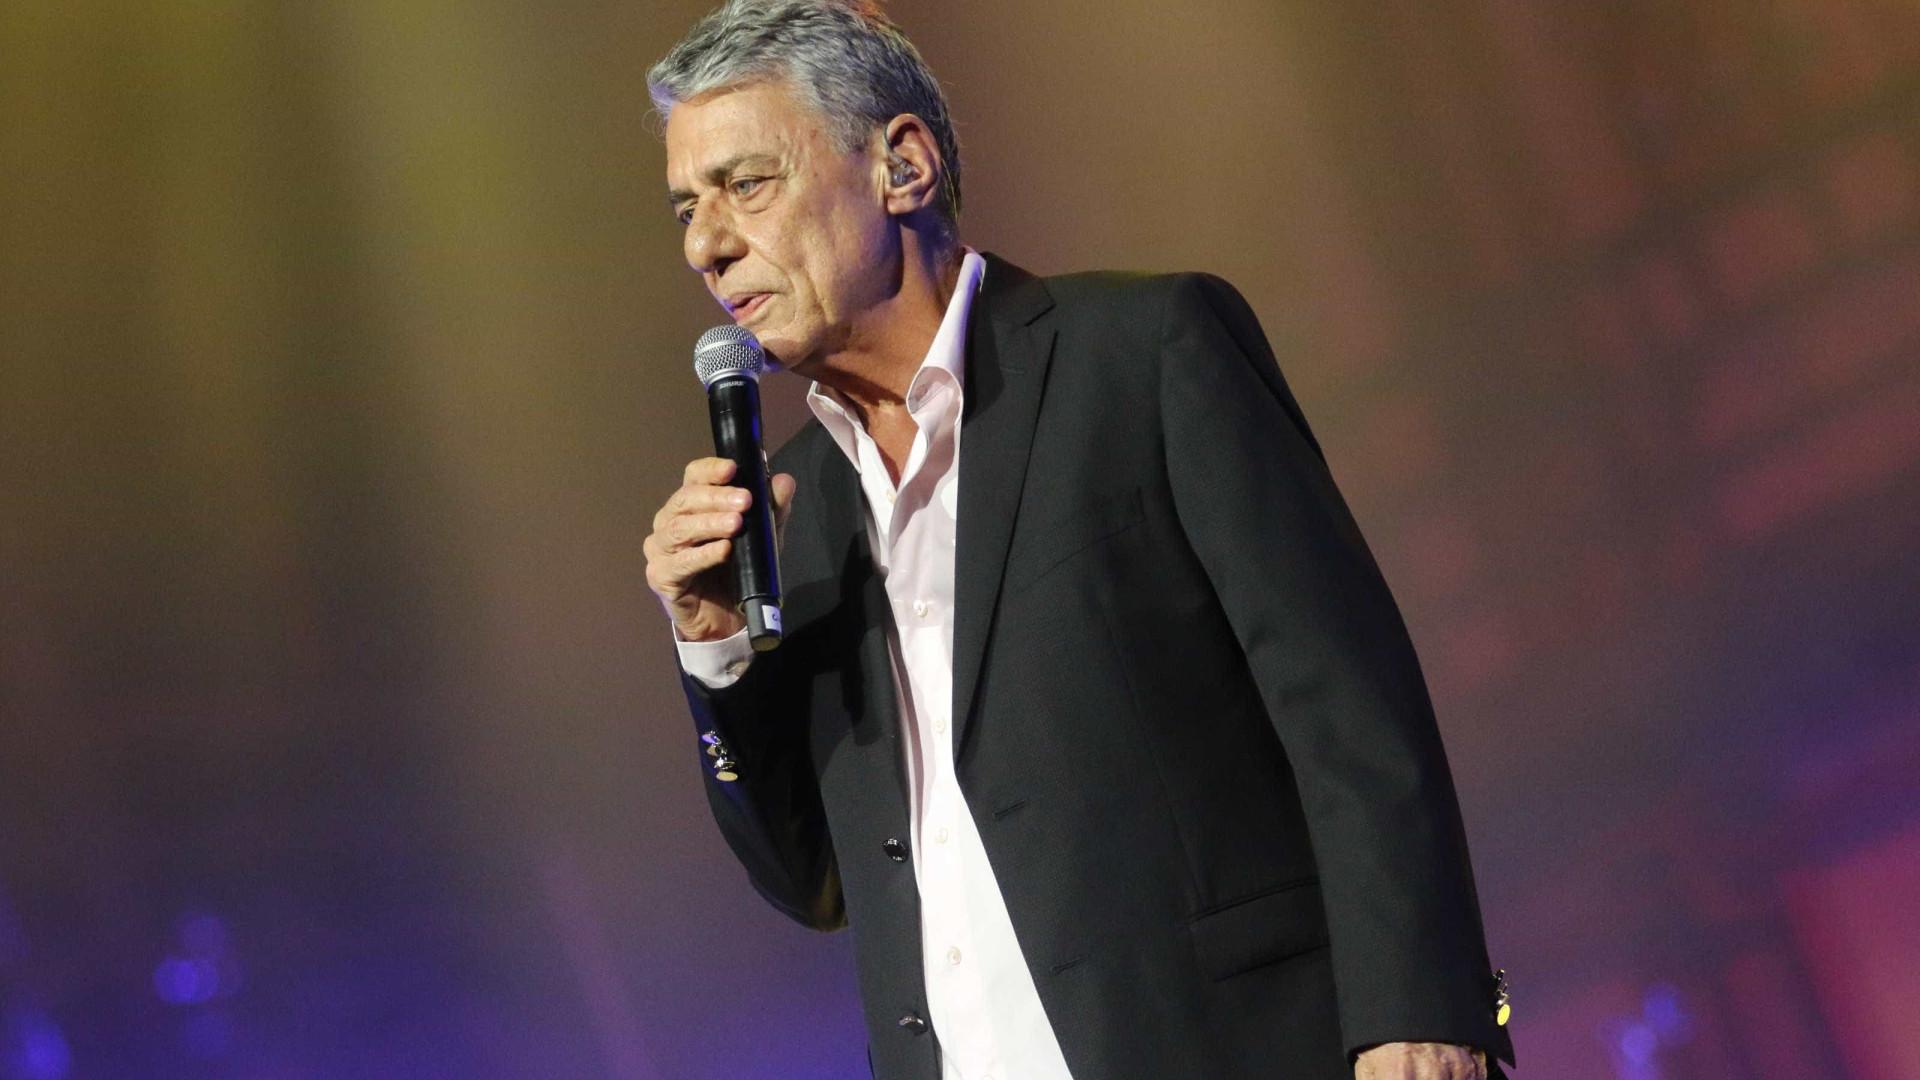 Chico Buarque e Caetano Veloso participam de ato com Haddad nesta terça